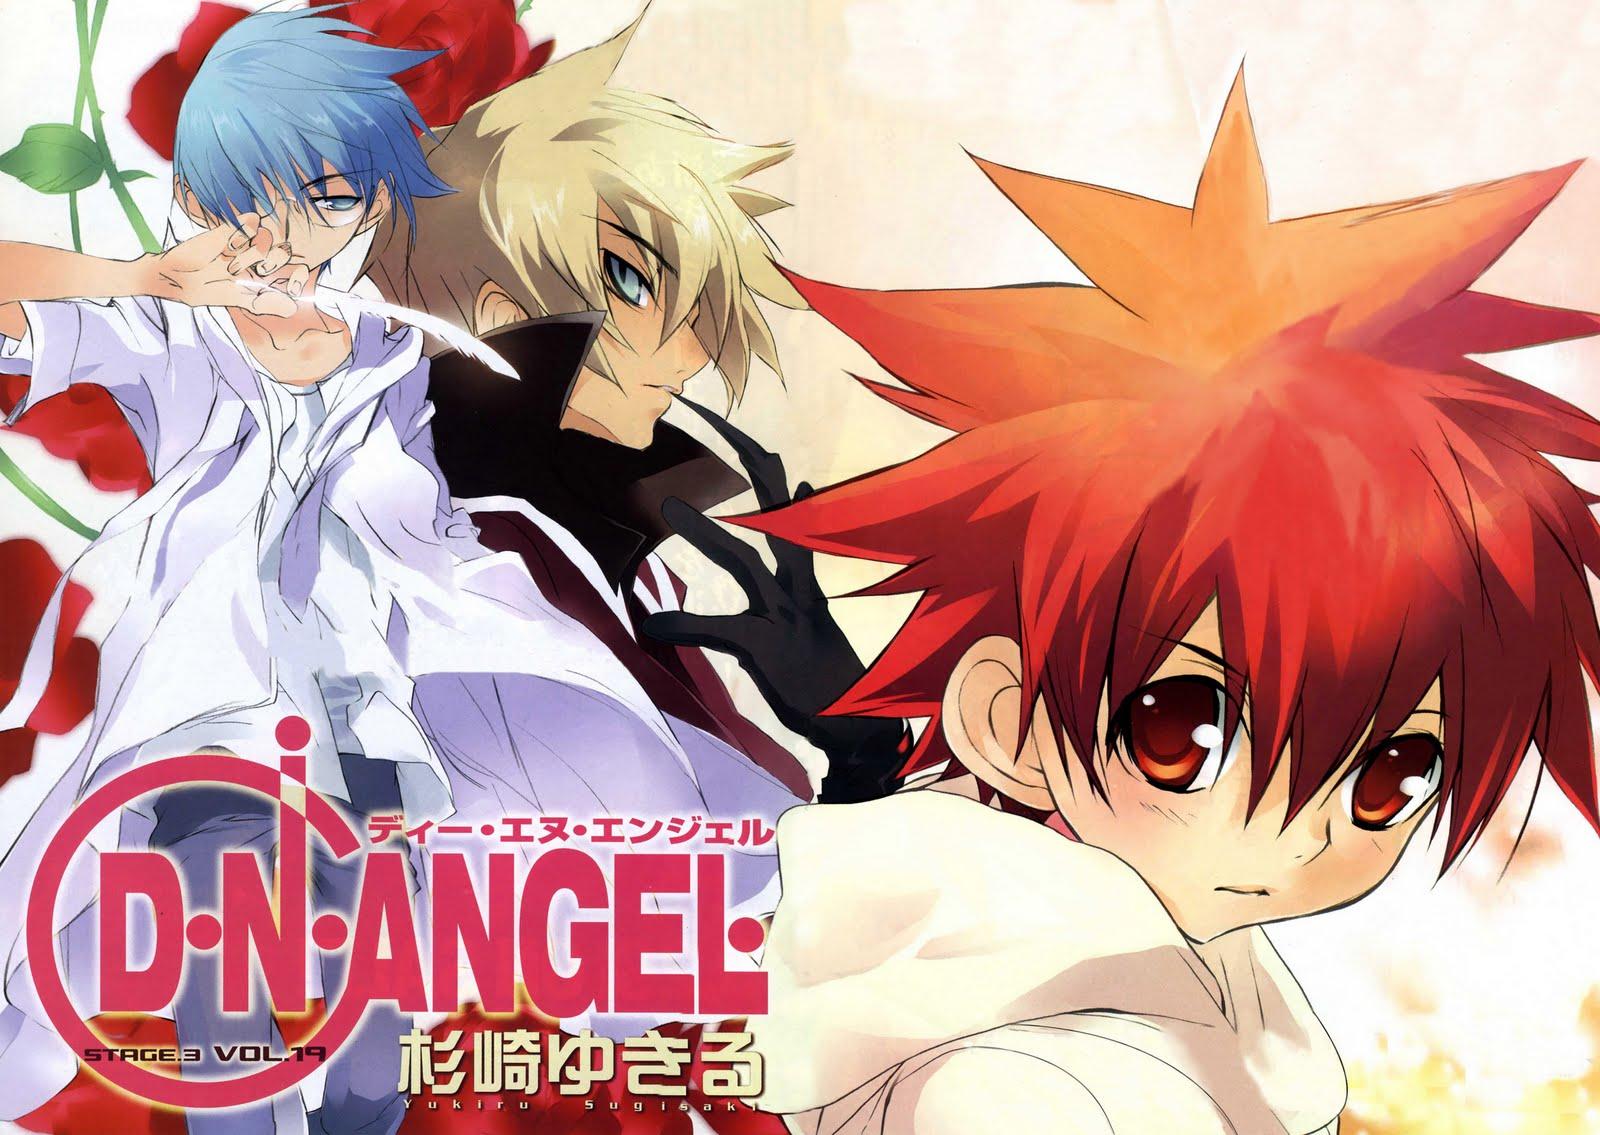 http://2.bp.blogspot.com/-8XMh6ytRB1M/TjKXOCzuKVI/AAAAAAAAA5Y/X23cFDurTLk/s1600/D-N-Angel-dn-angel-16864658-2560-1816.jpg